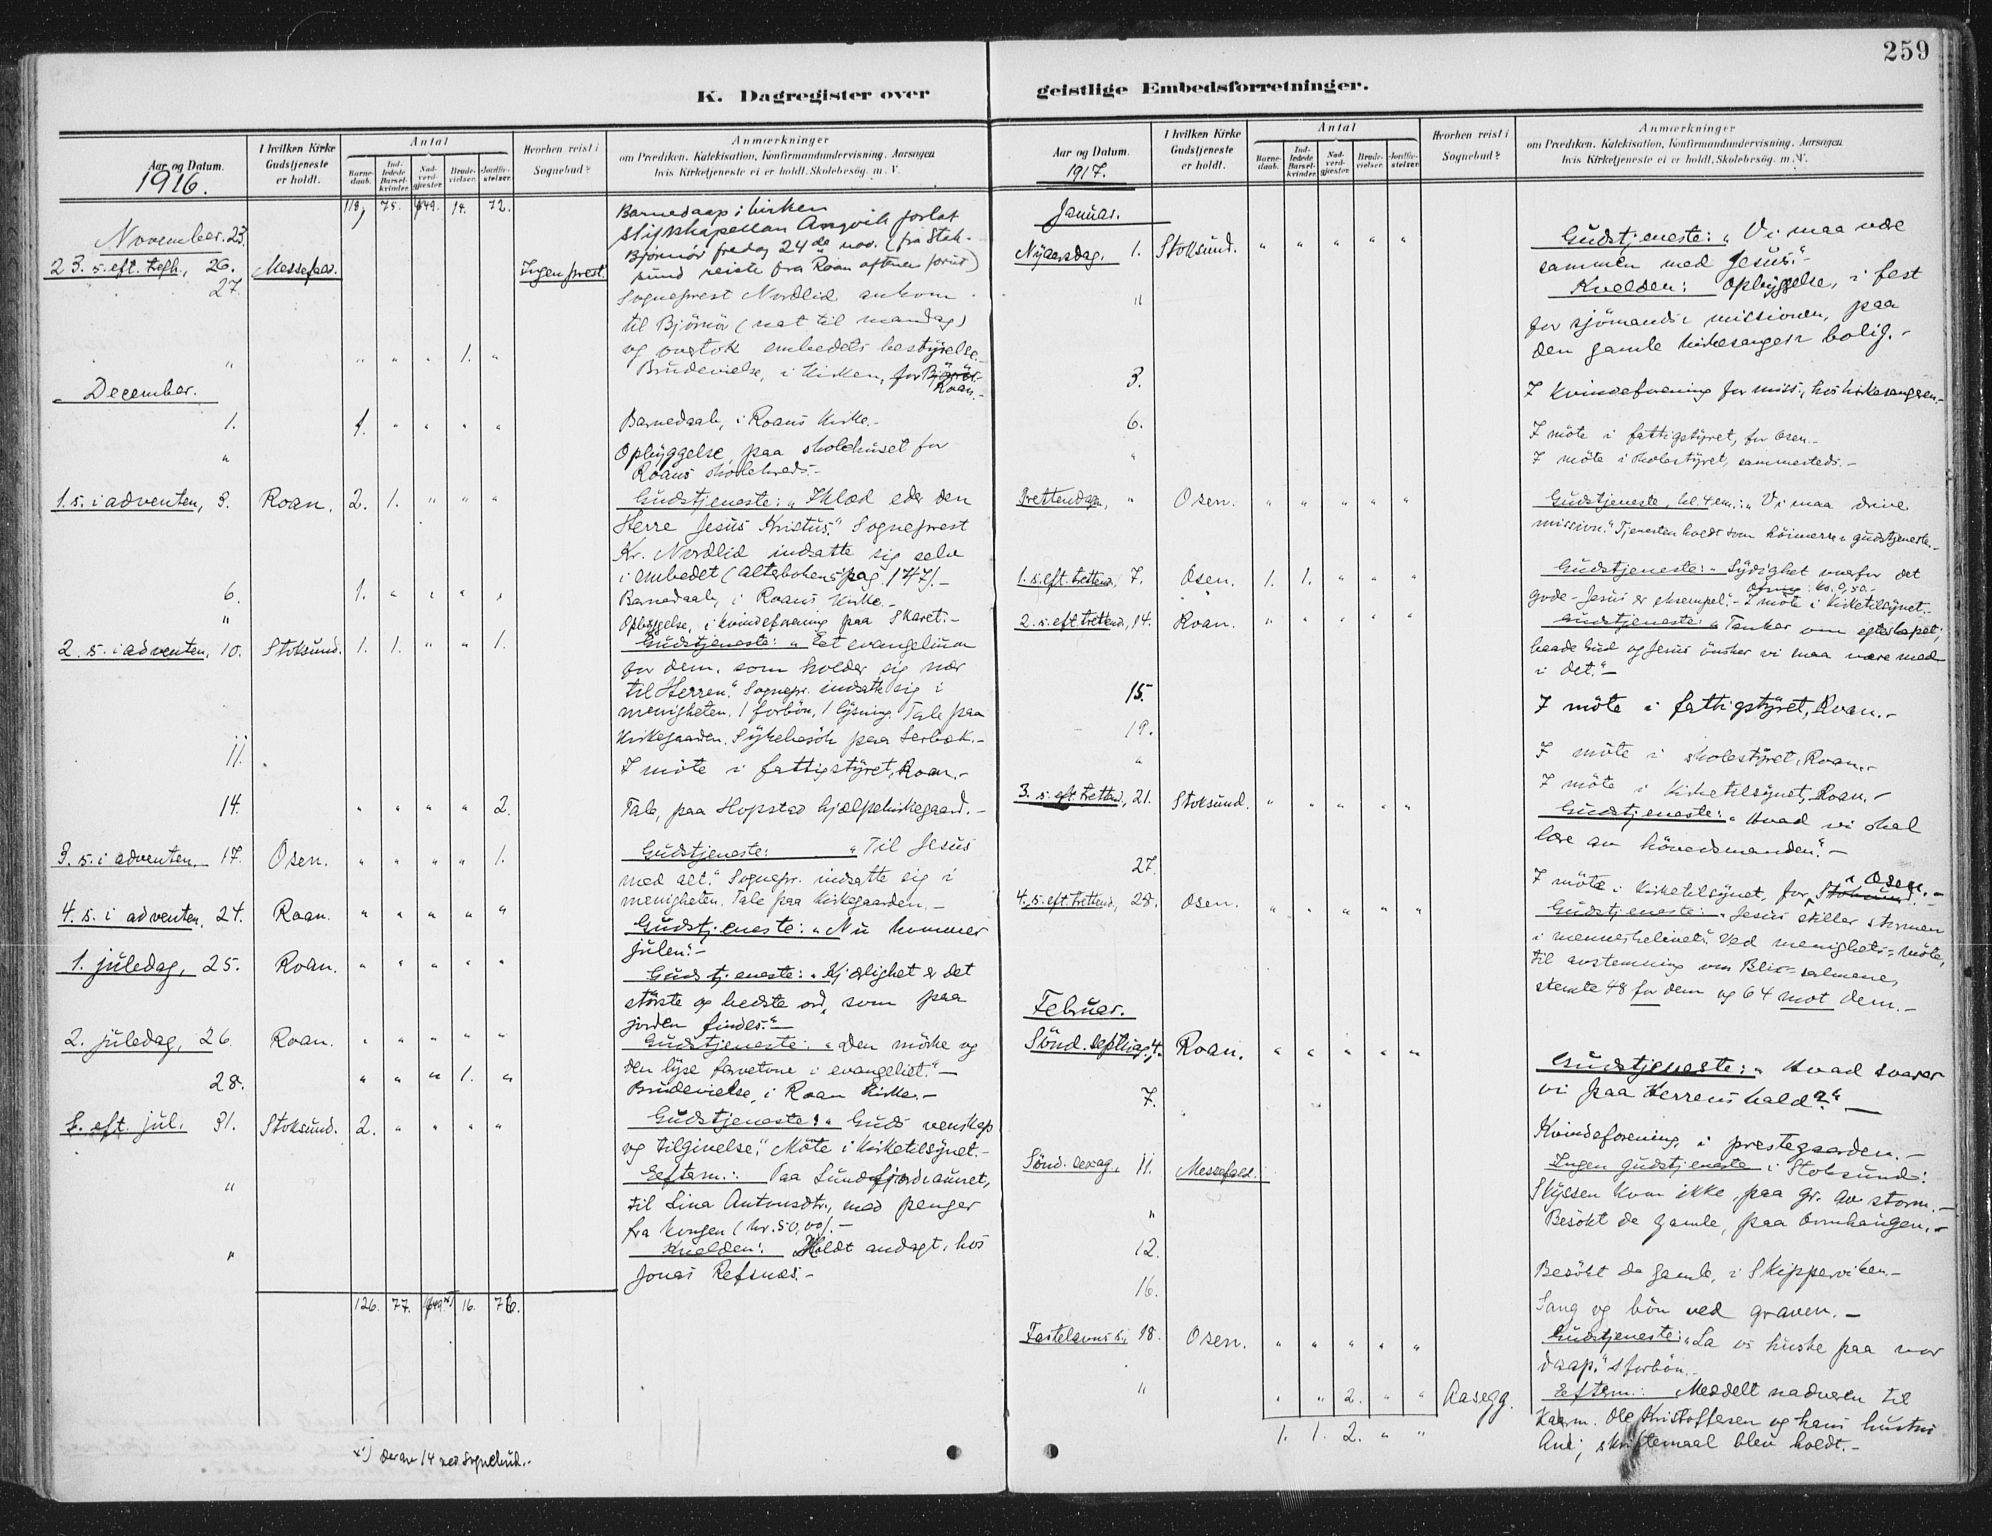 SAT, Ministerialprotokoller, klokkerbøker og fødselsregistre - Sør-Trøndelag, 657/L0709: Ministerialbok nr. 657A10, 1905-1919, s. 259